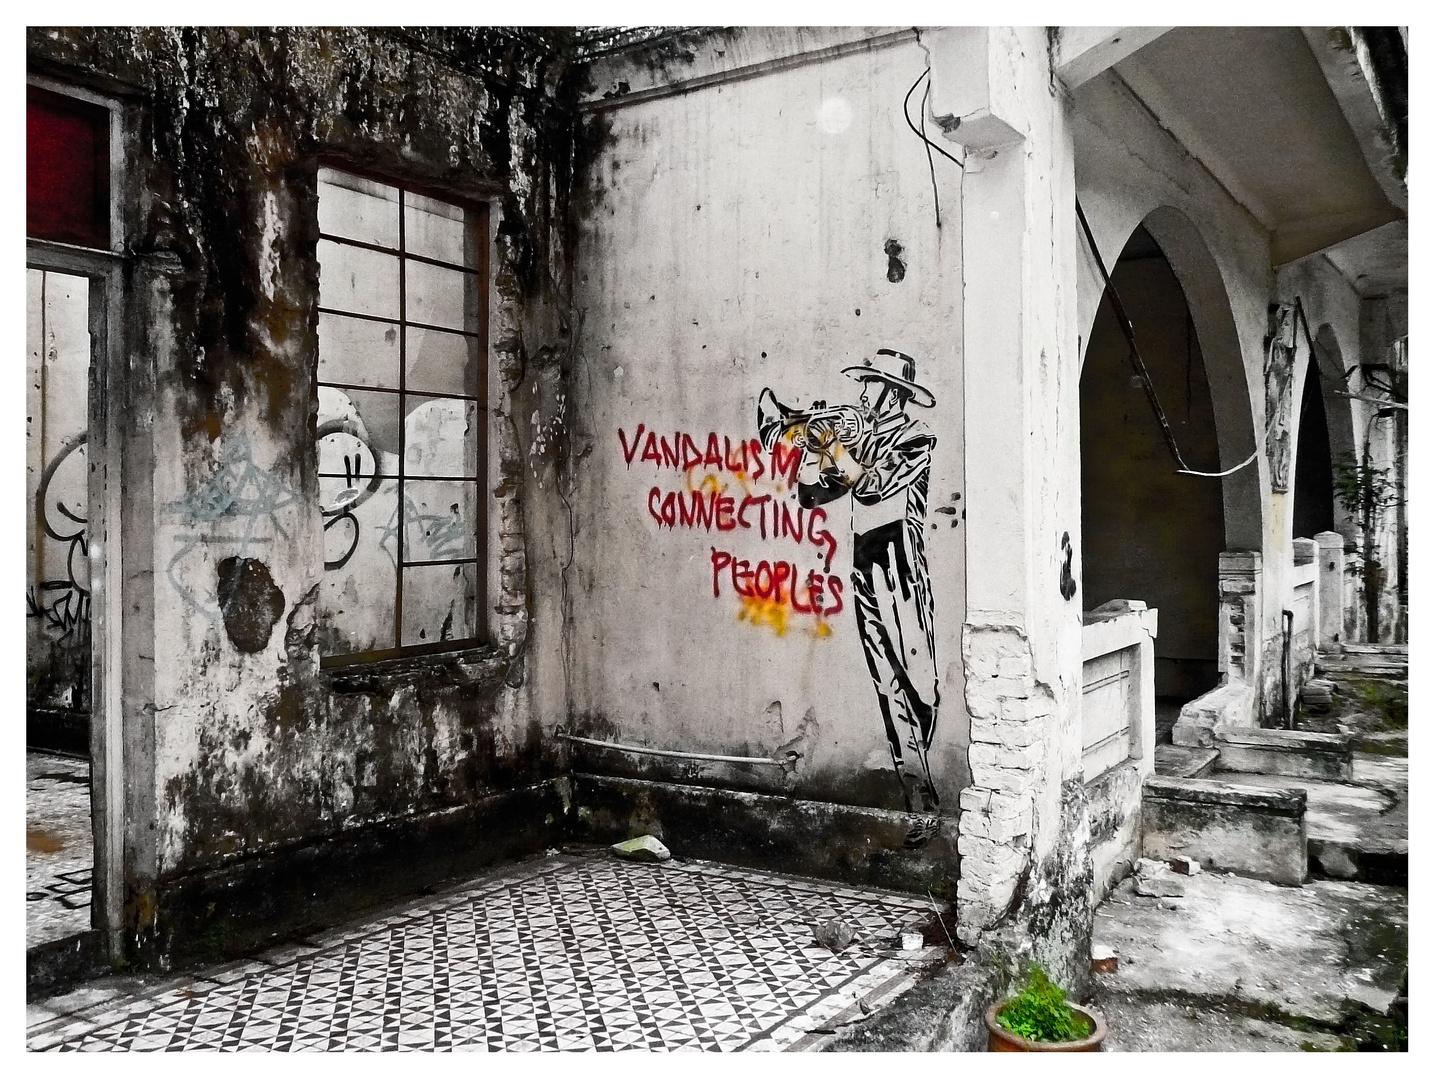 vandalism connecting peoples?